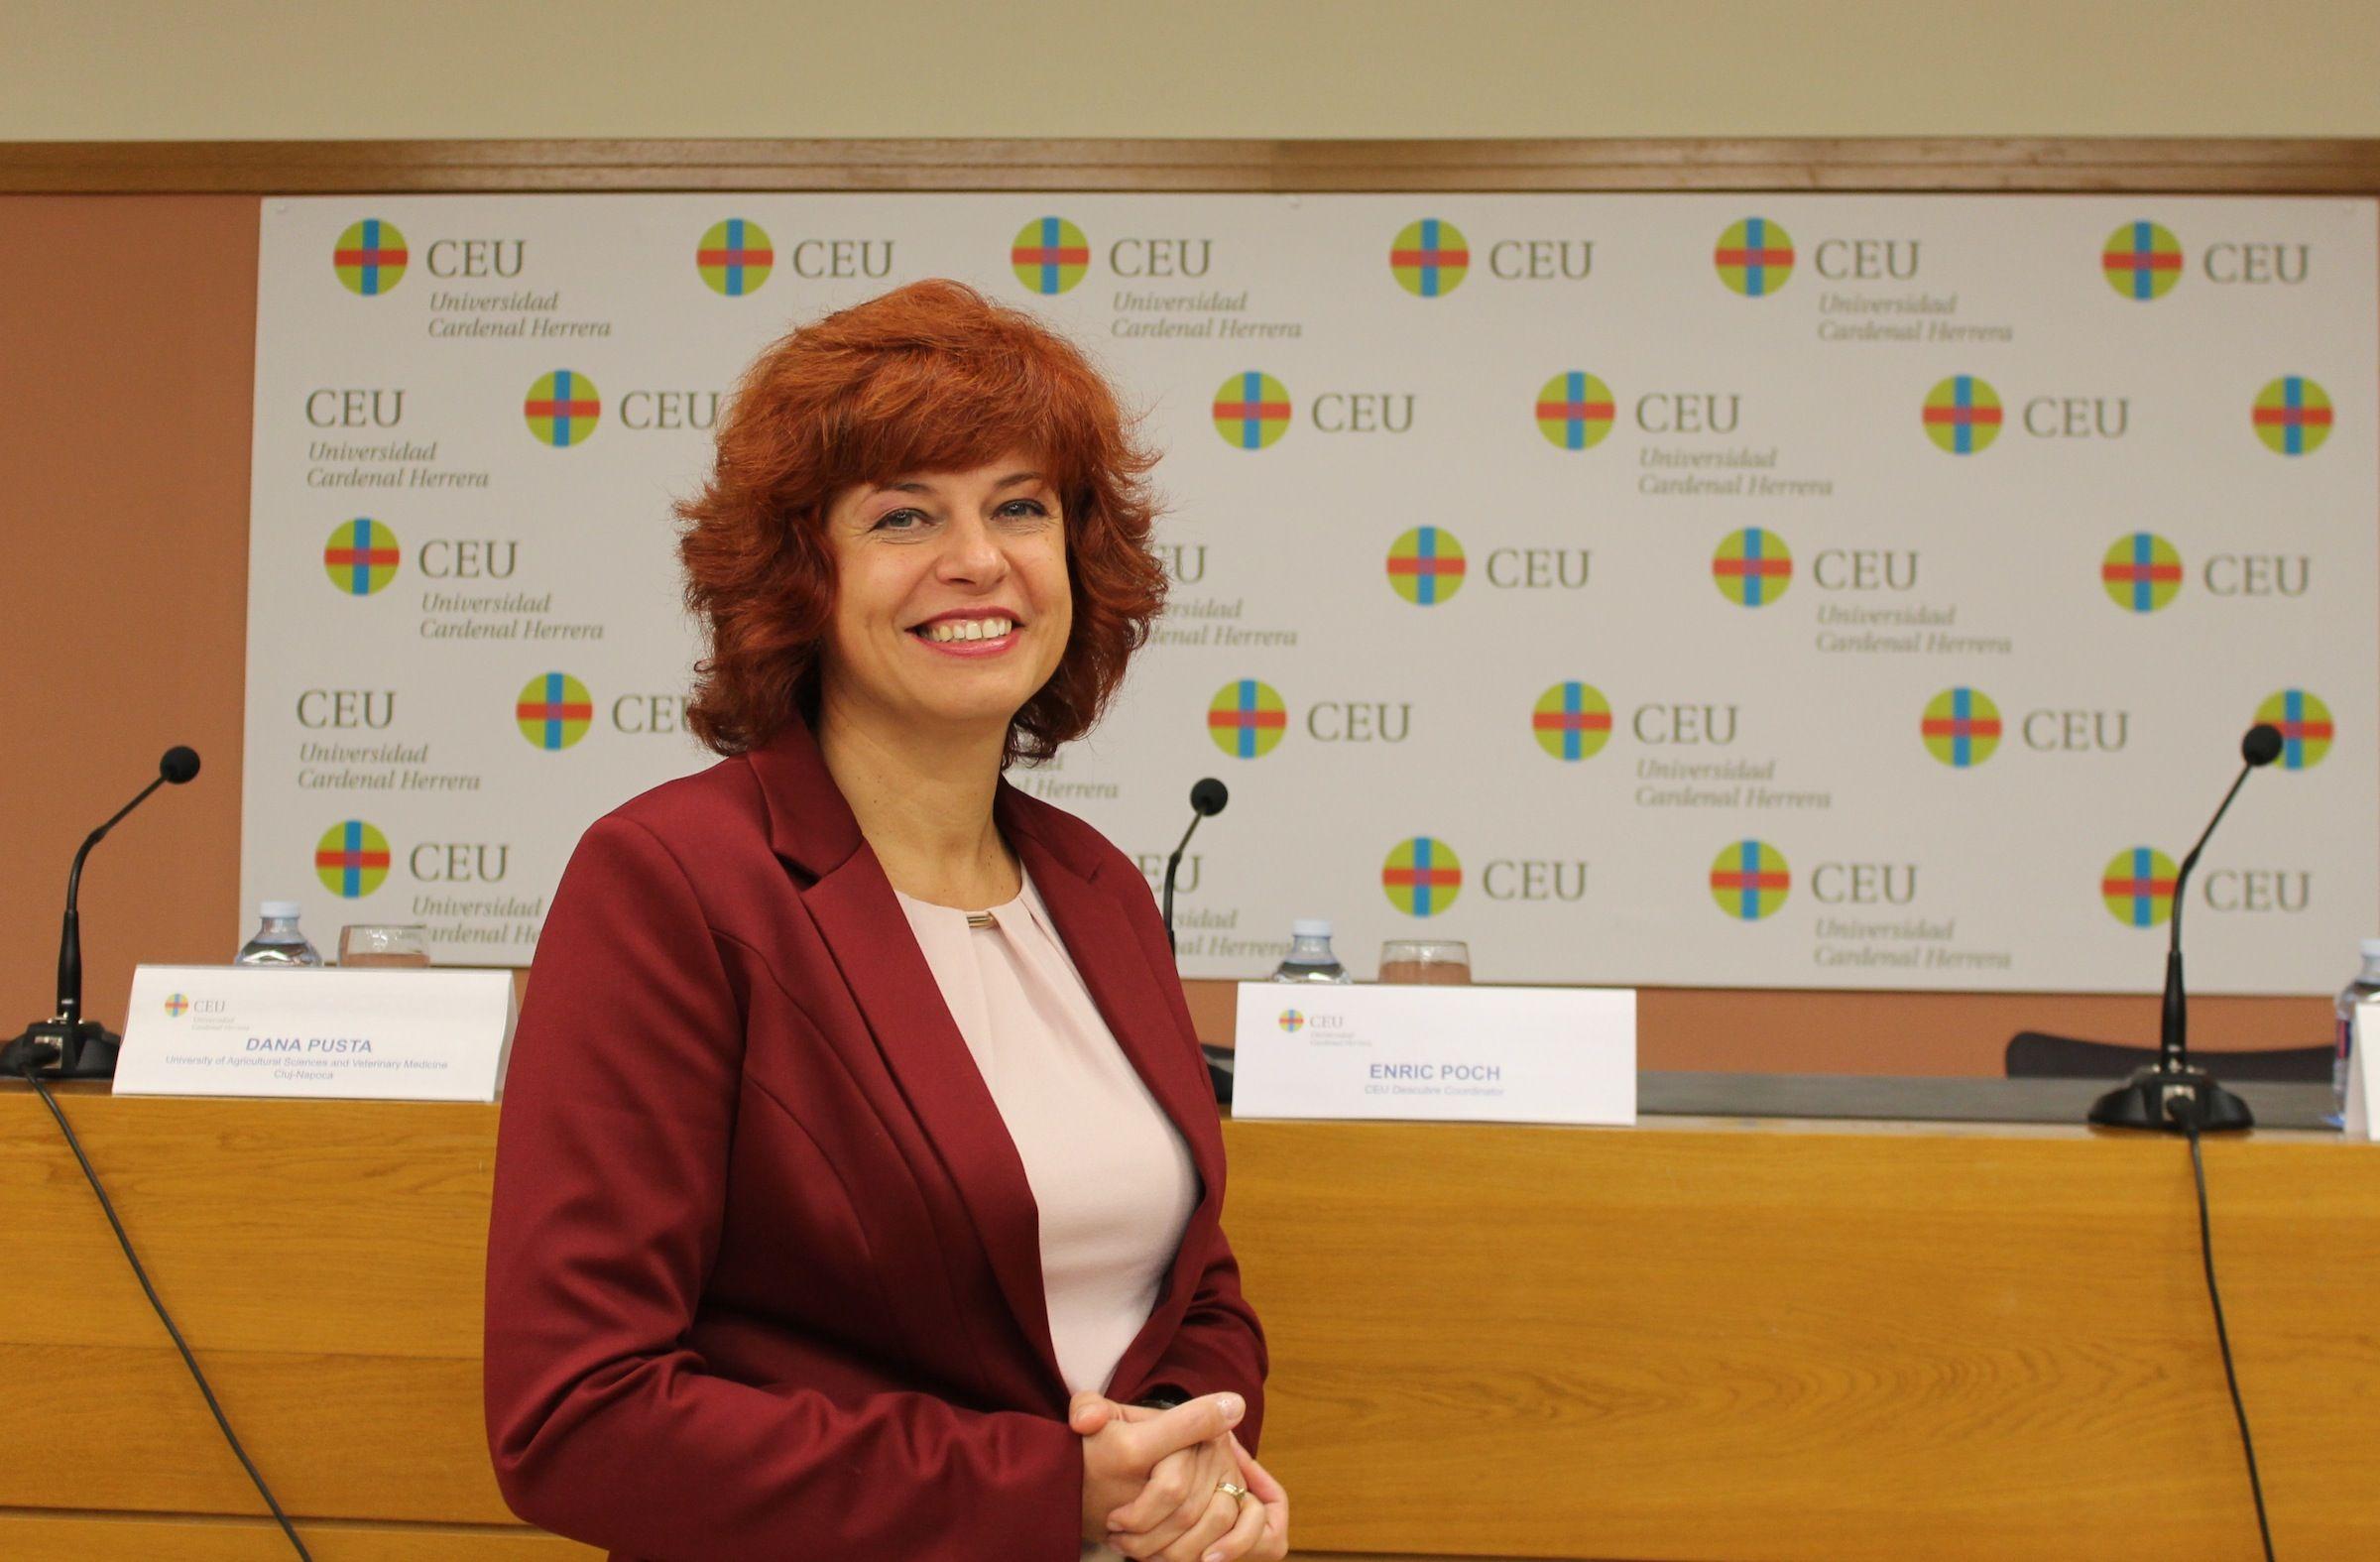 La profesora Dana Pusta, de la Facultad de Ciencias Agrícolas y Medicina Veterinaria de la Universidad de Cluj-Napoca en Rumanía, que realiza una estancia Erasmus en la CEU-UCH.